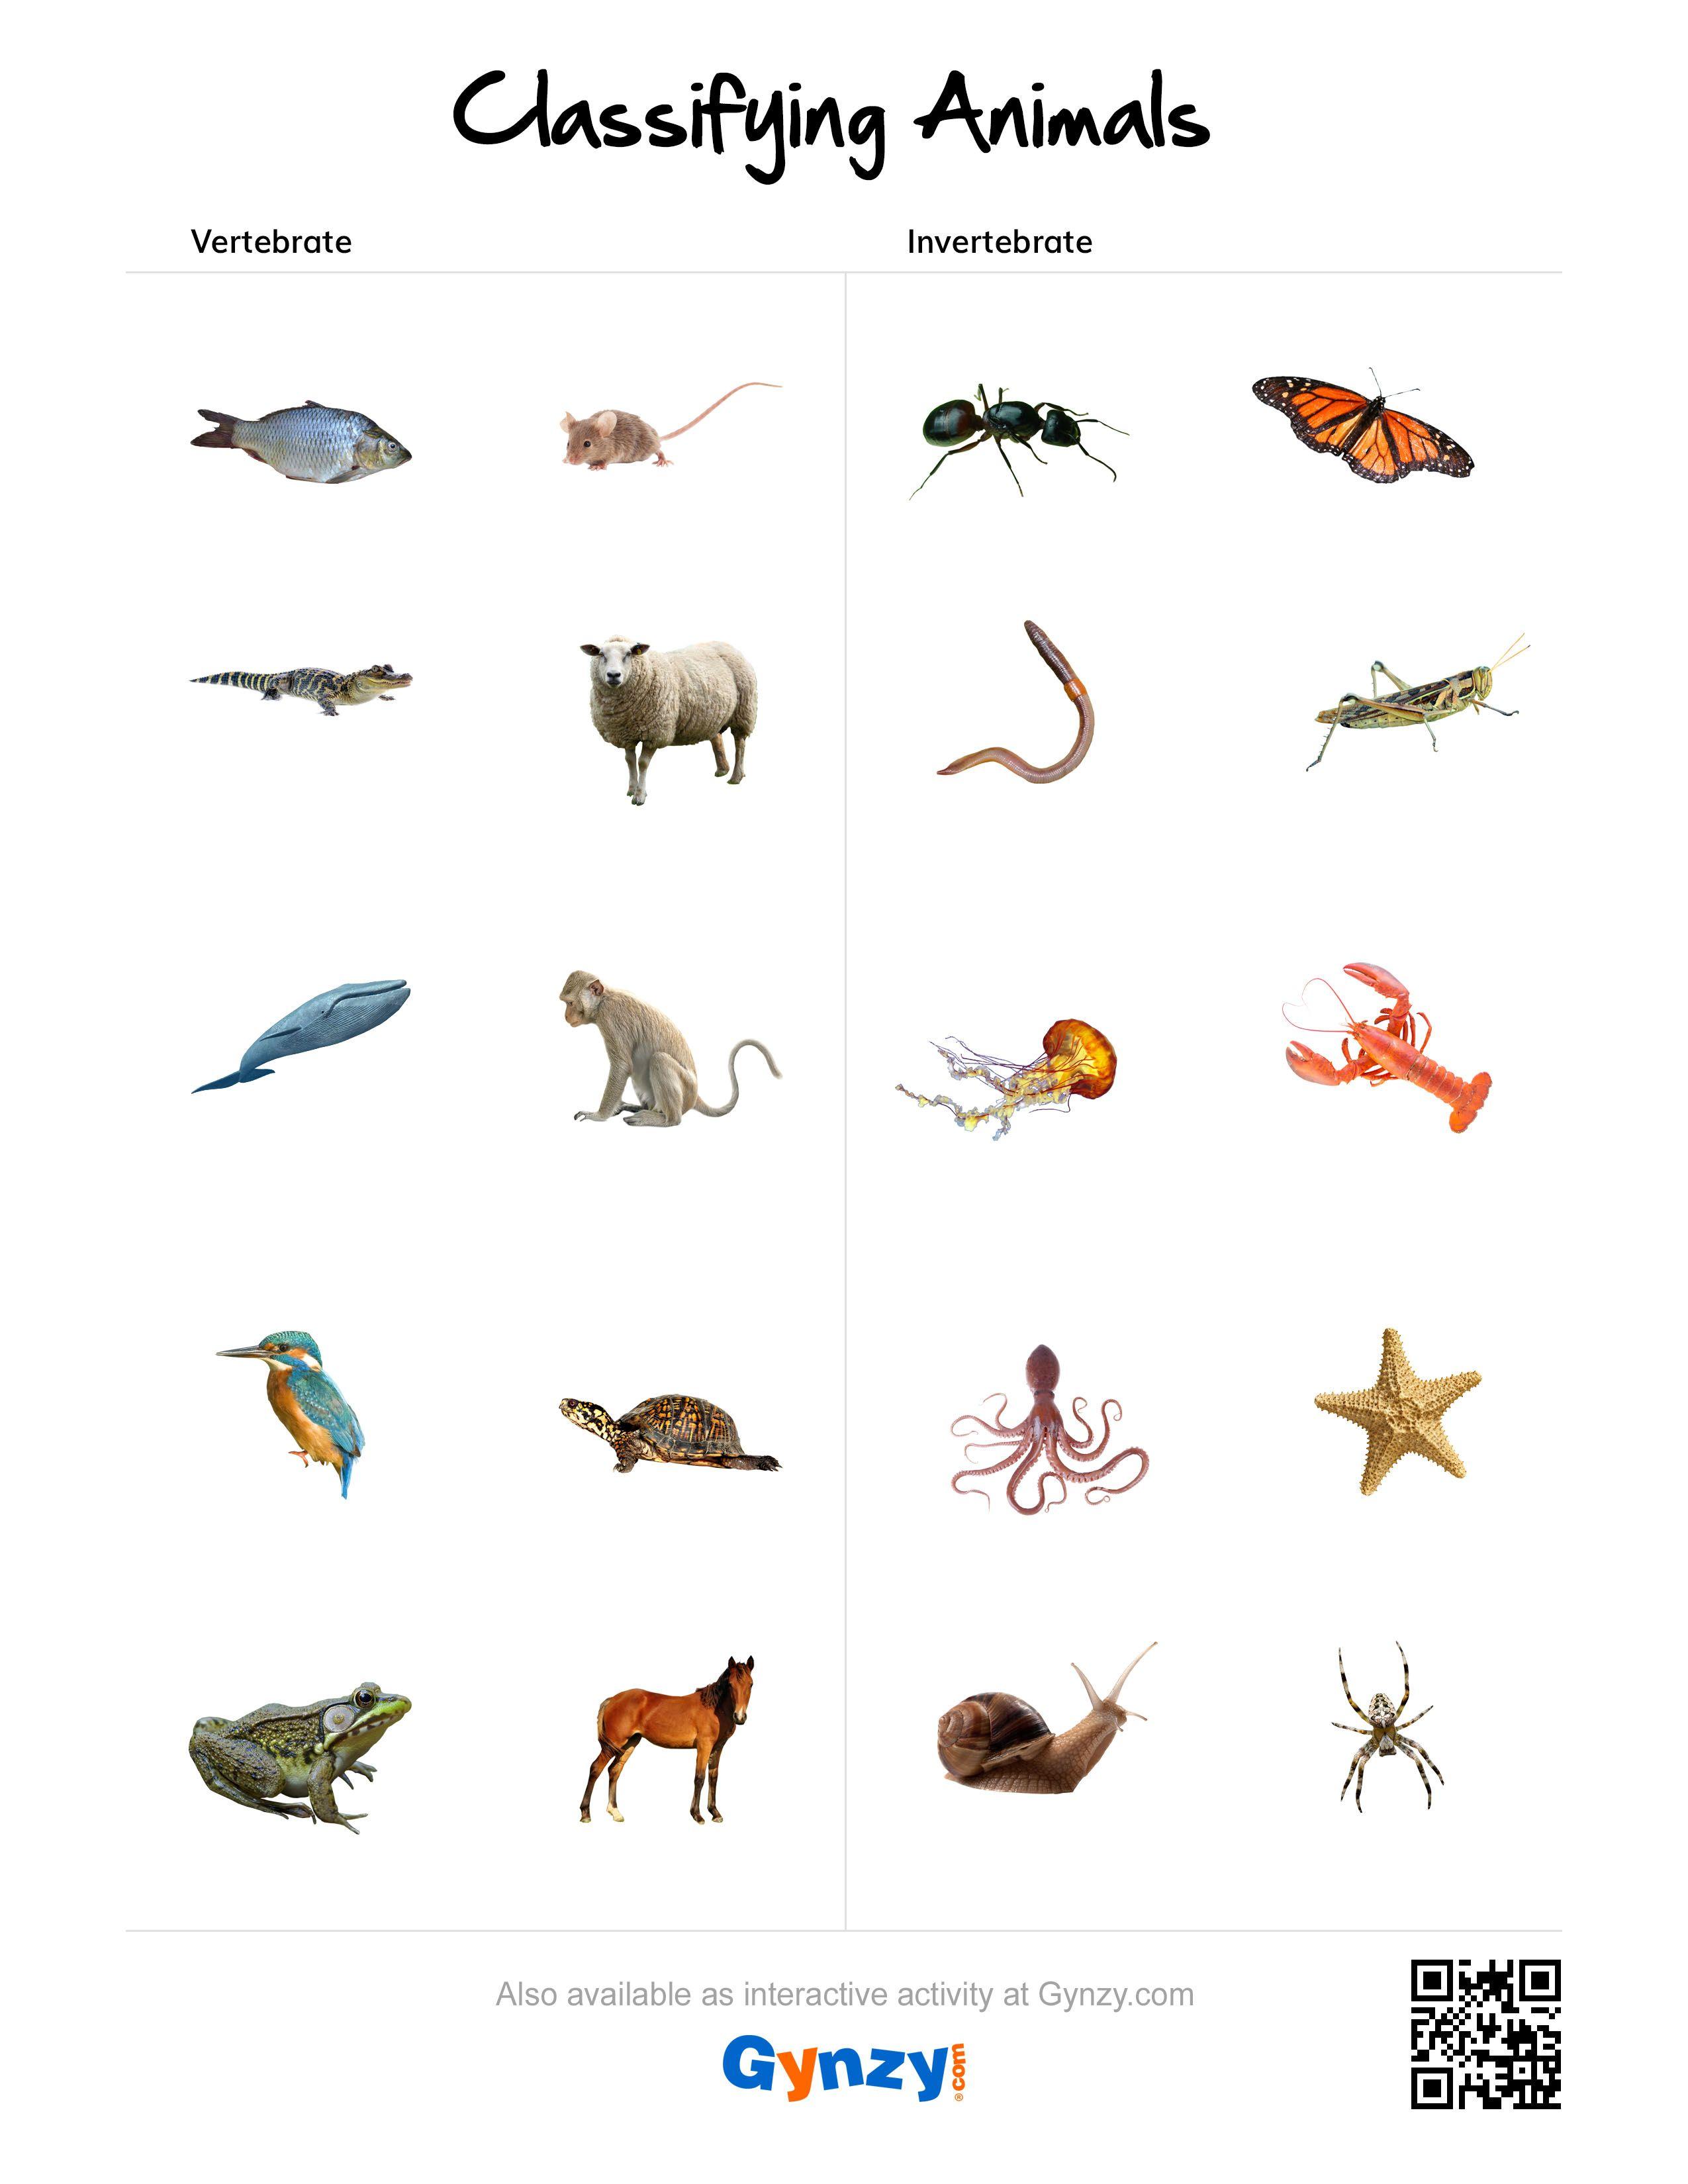 Vertebrate Or Invertebrate Https R Gynzy Com 285e12fa Pdf Worksheet Https R Gynzy Com 6b412d27 Pd Vertebrados E Invertebrados Vertebrados [ 3300 x 2550 Pixel ]